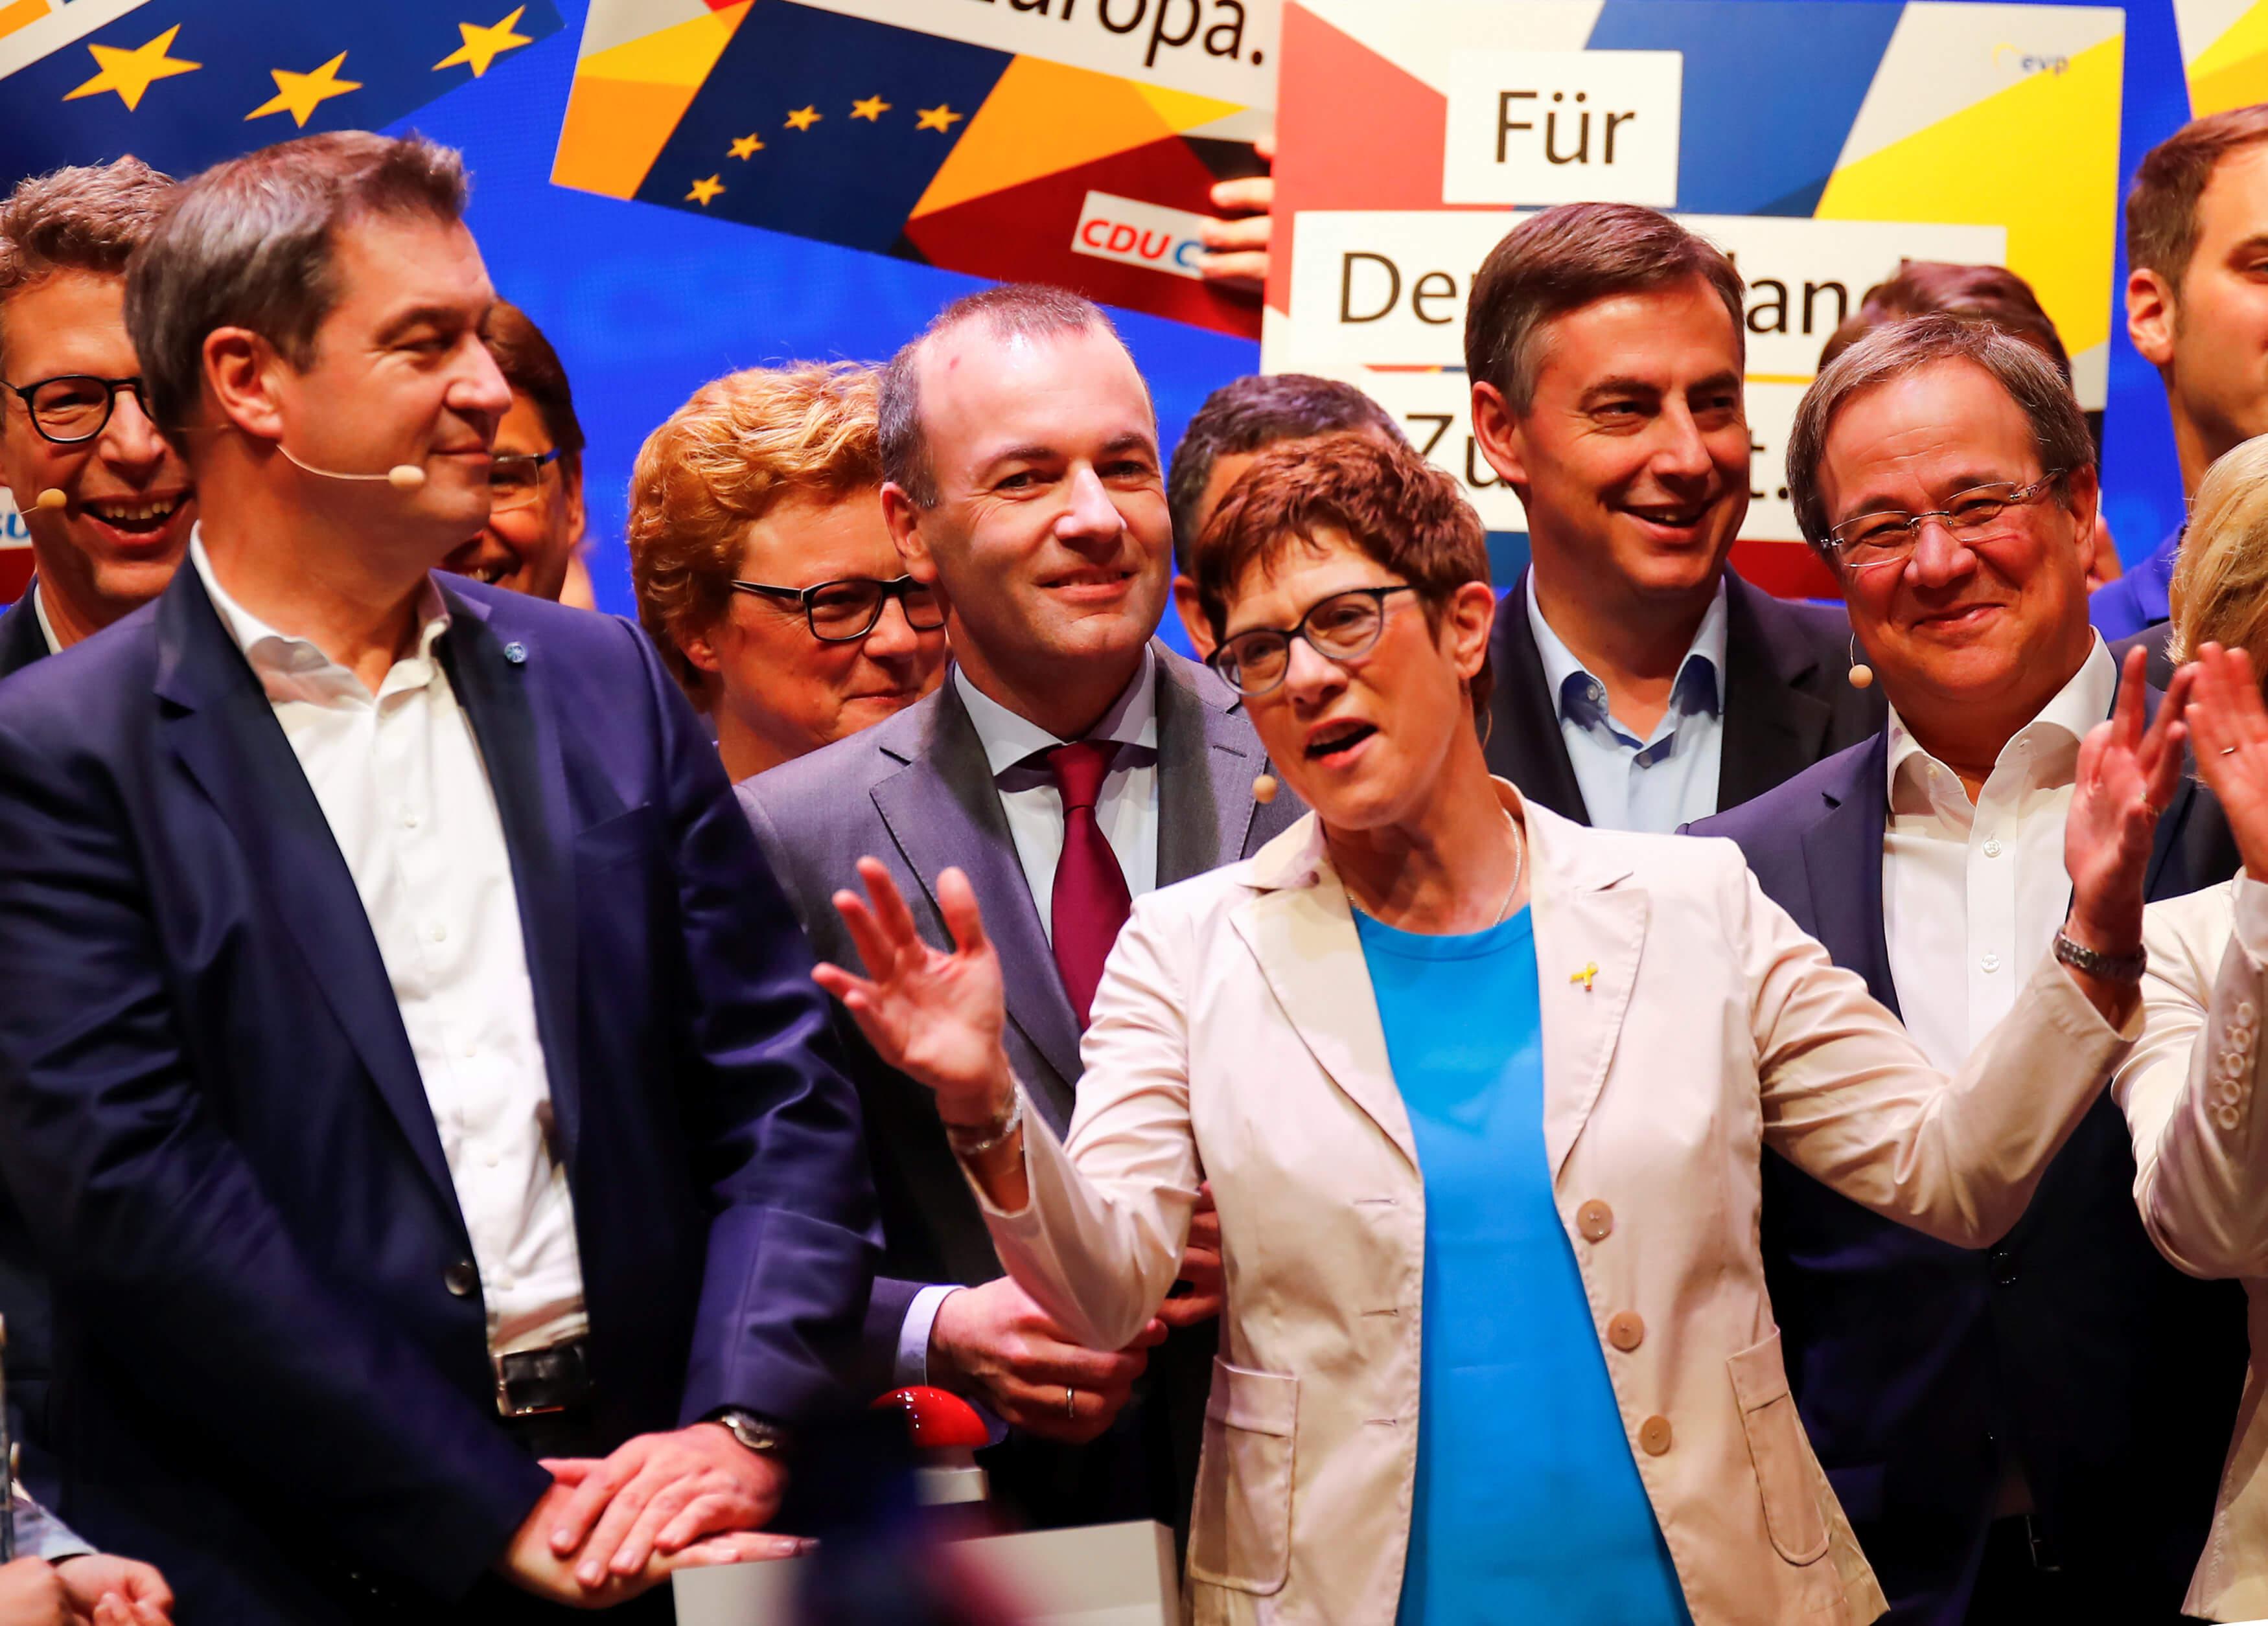 Δεν βιάζεται η Άνεγκρετ Κραμπ - Καρενμπάουερ!  Δεν θα αναλάβει την καγκελαρία πριν από το 2021